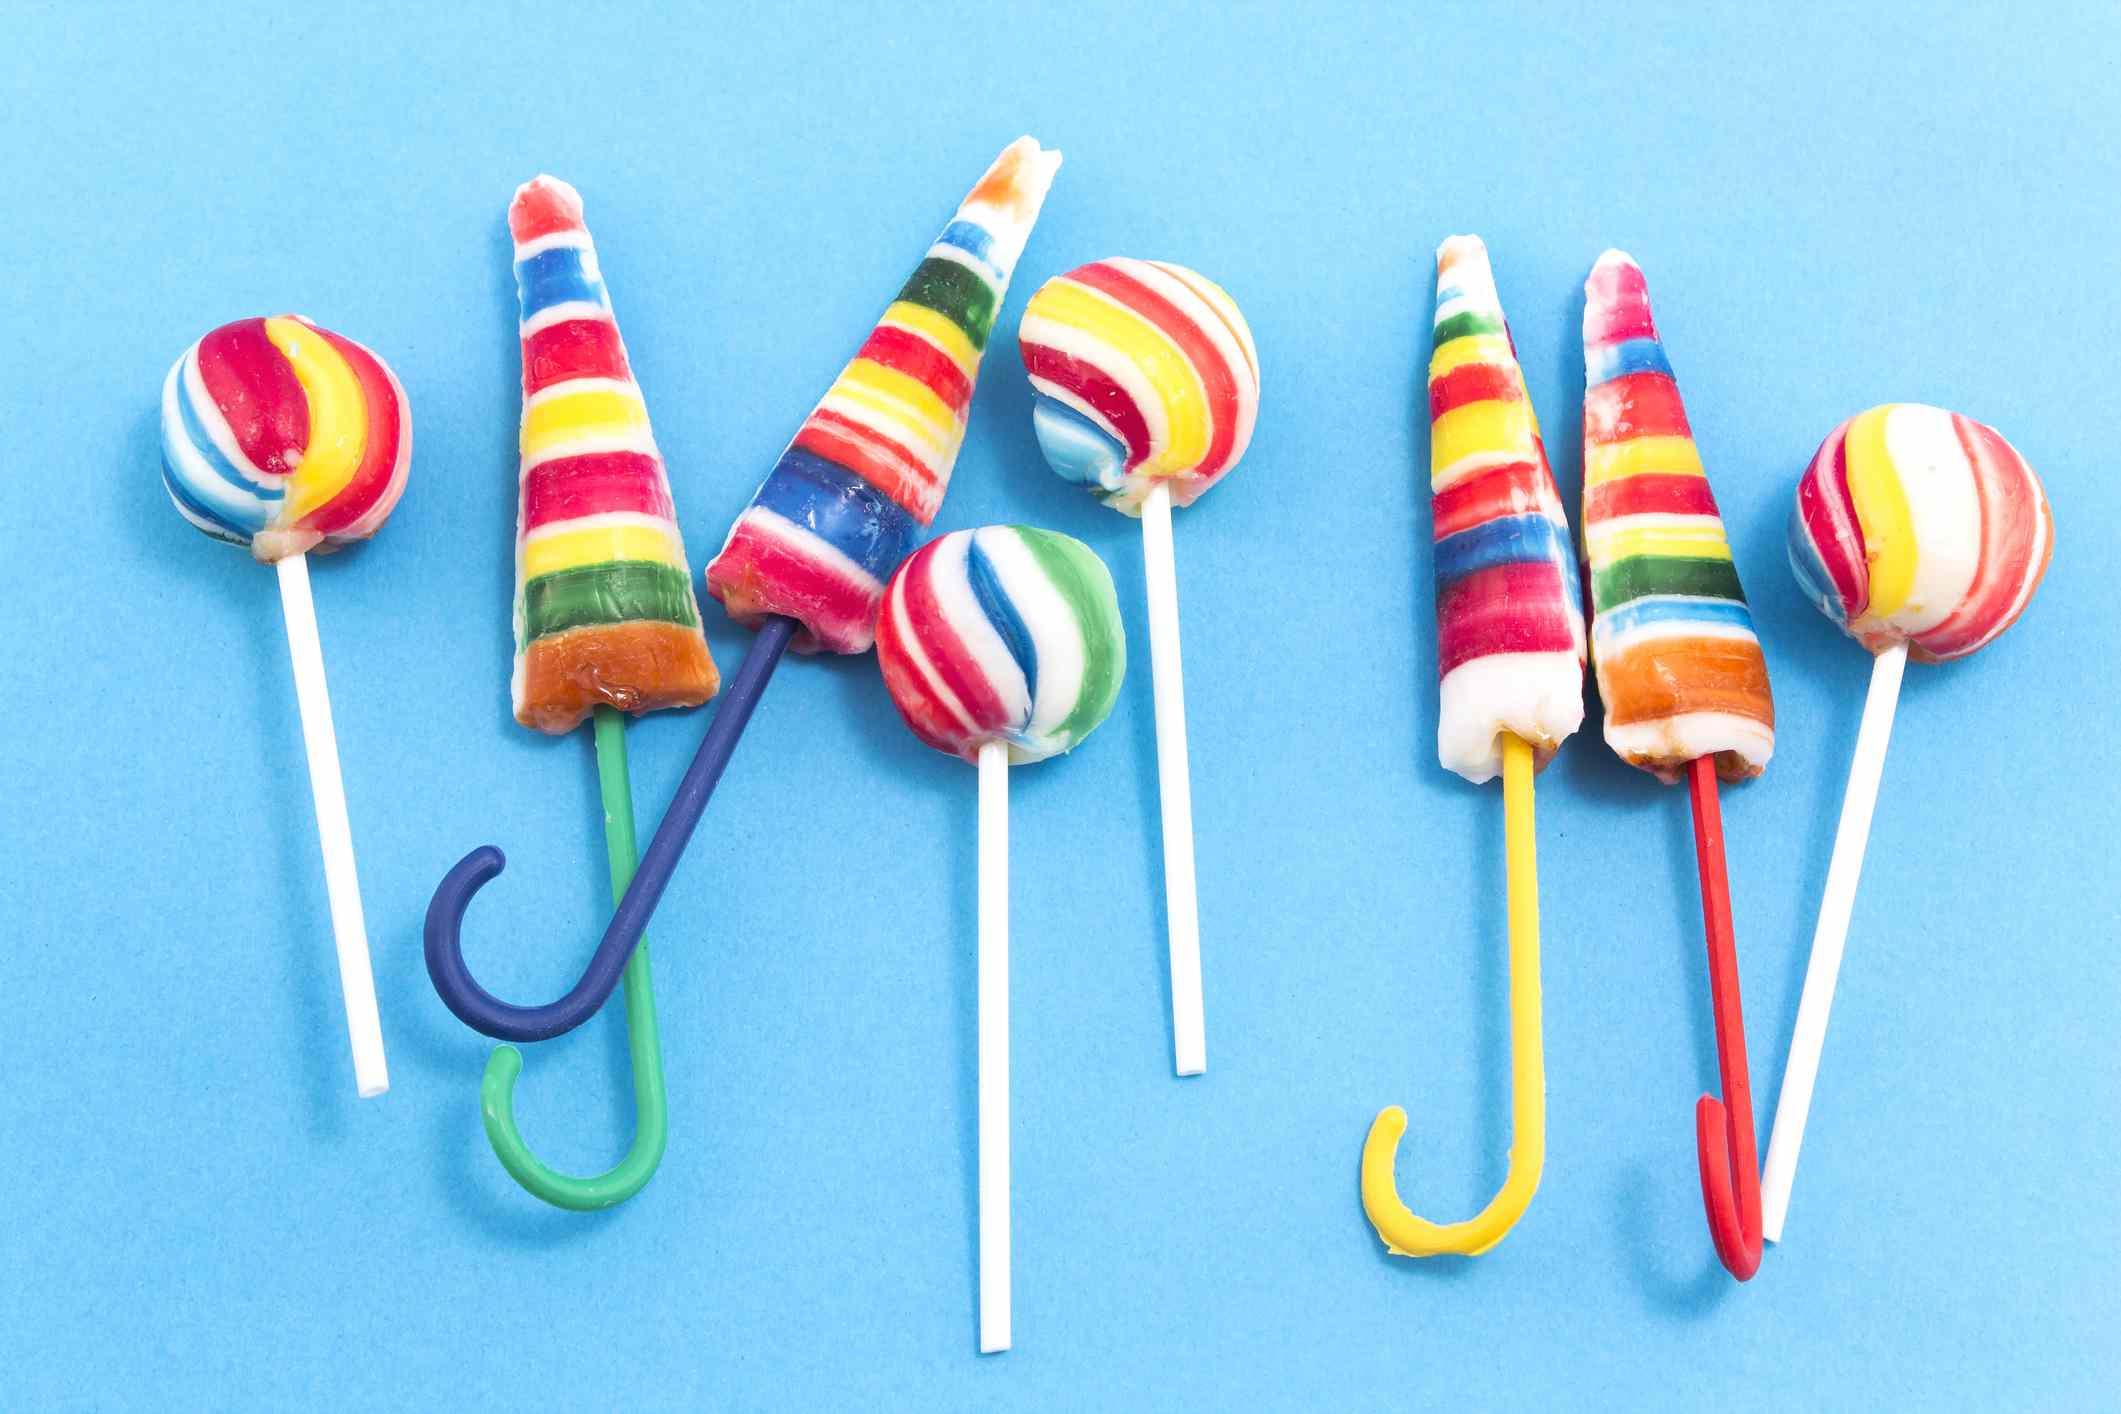 Vintage lollipops on a blue background